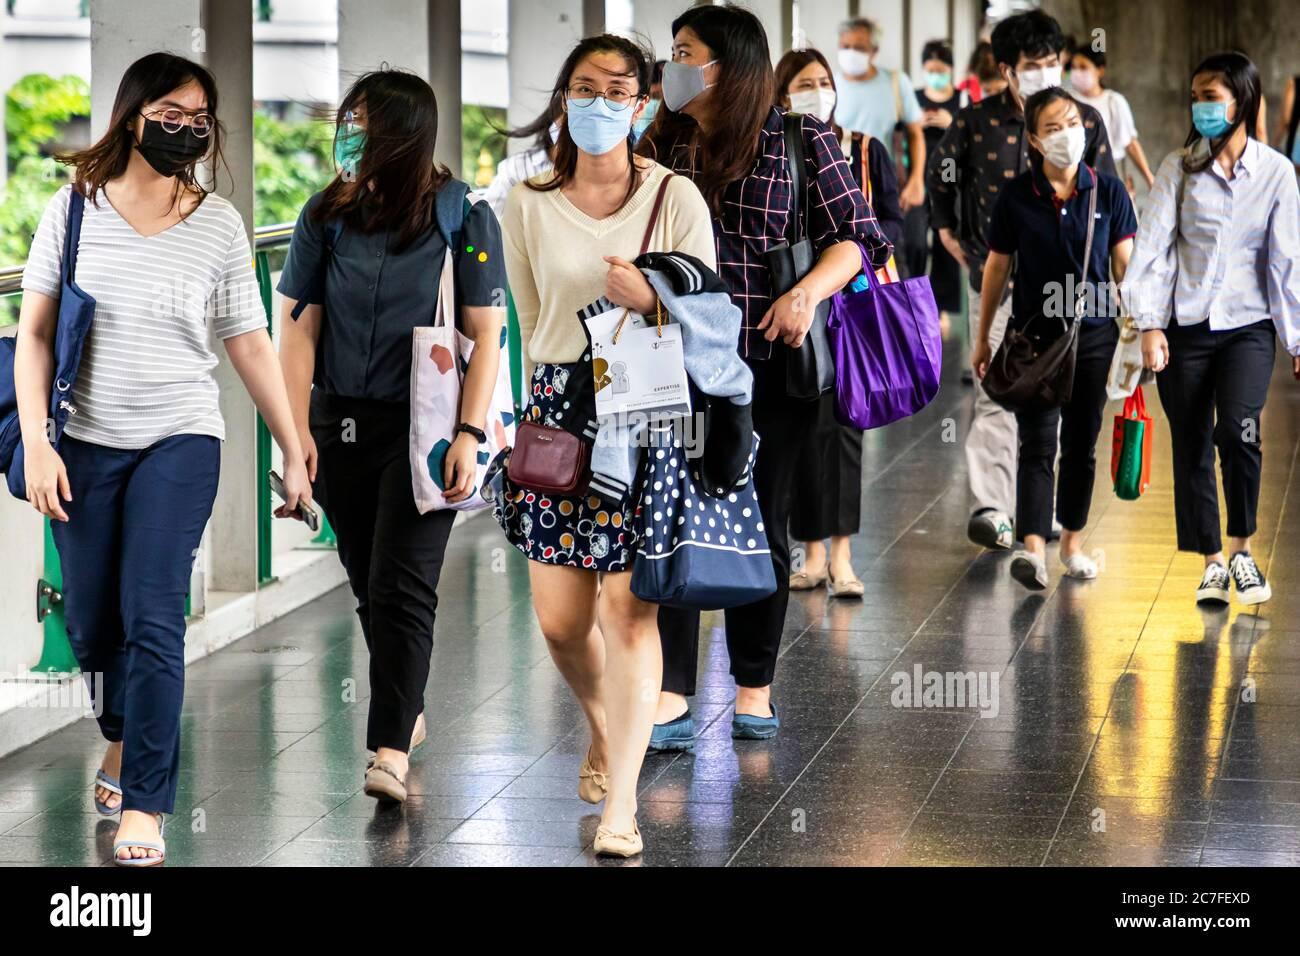 Piétons portant un masque facial pendant la pandémie de Covid 19, Bangkok, Thaïlande Banque D'Images